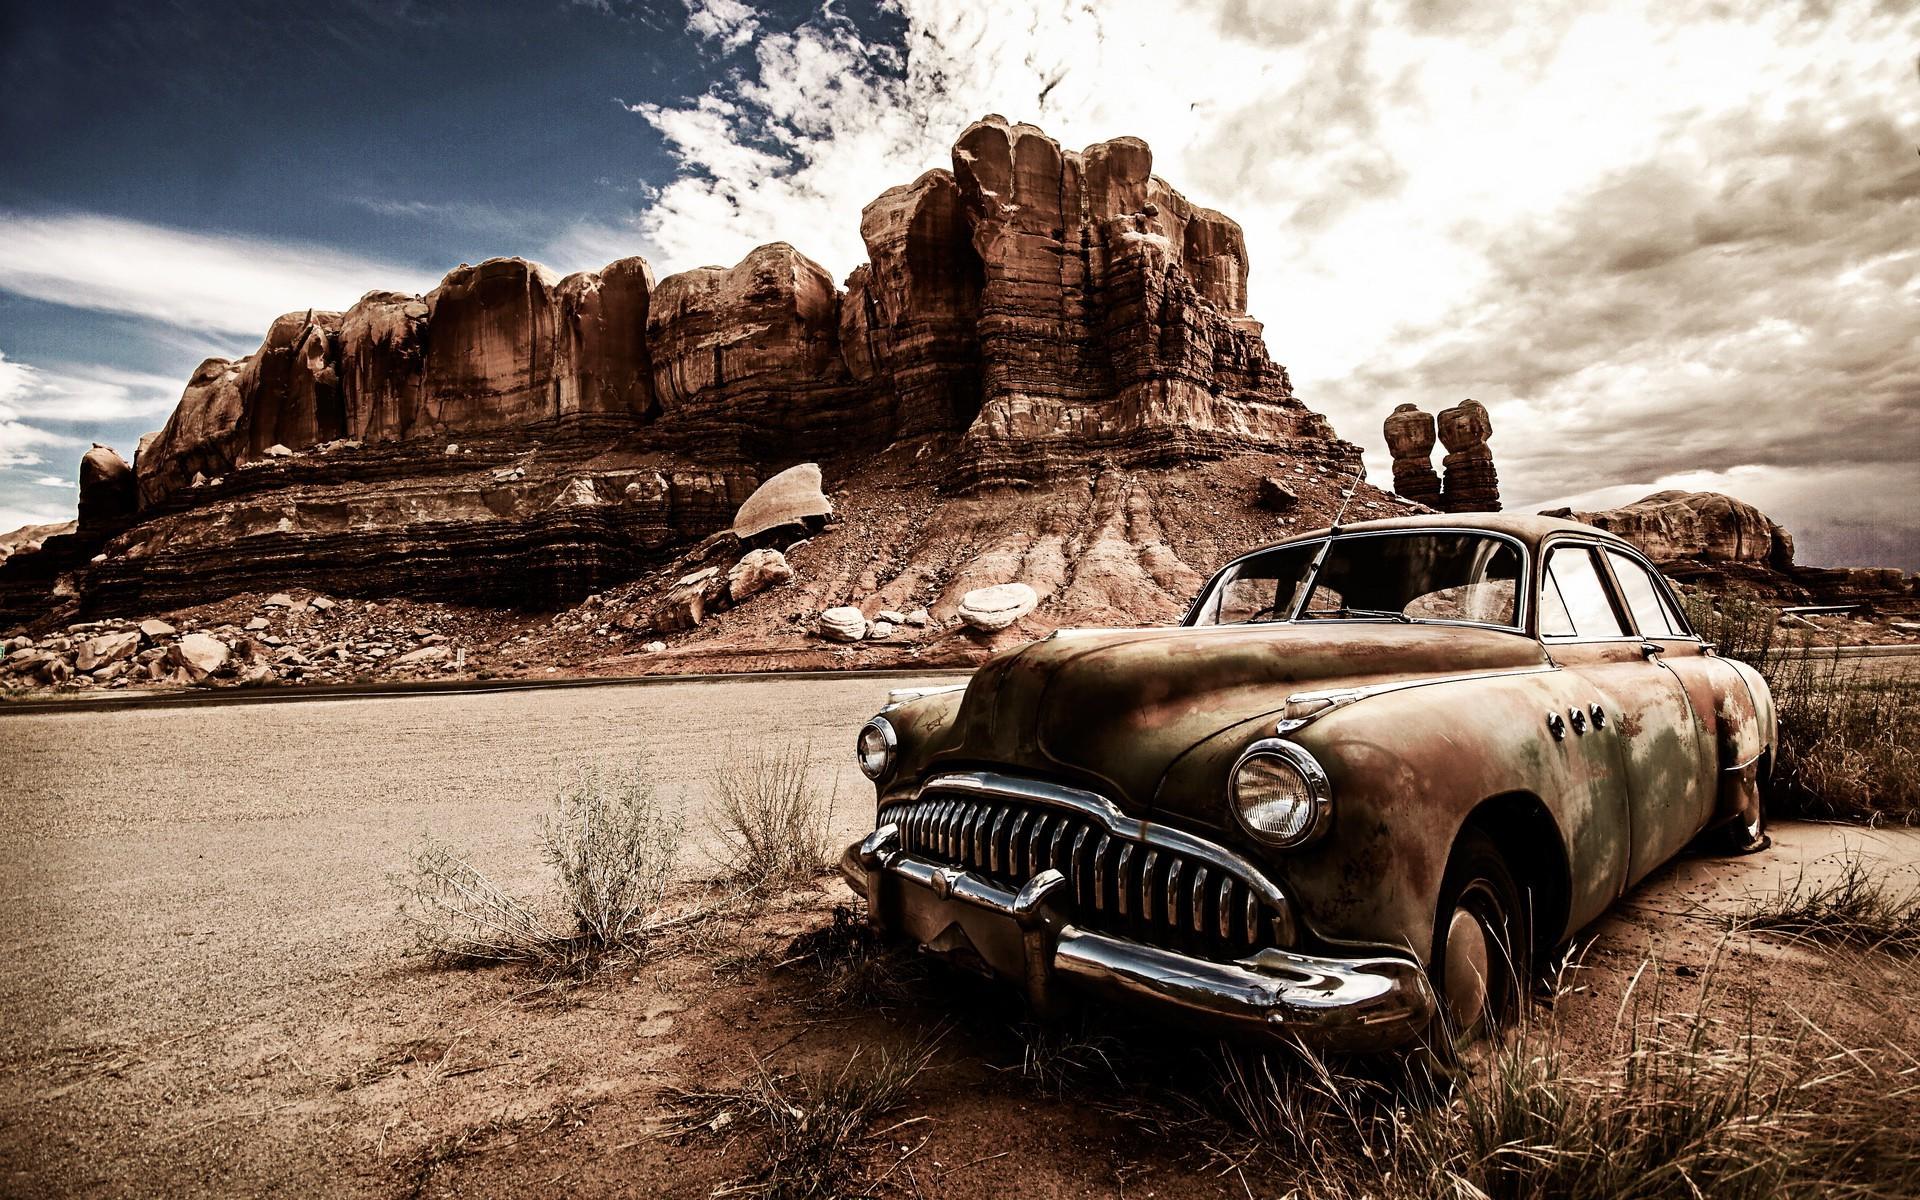 Wallpaper Landscape Vehicle Vintage Car North America